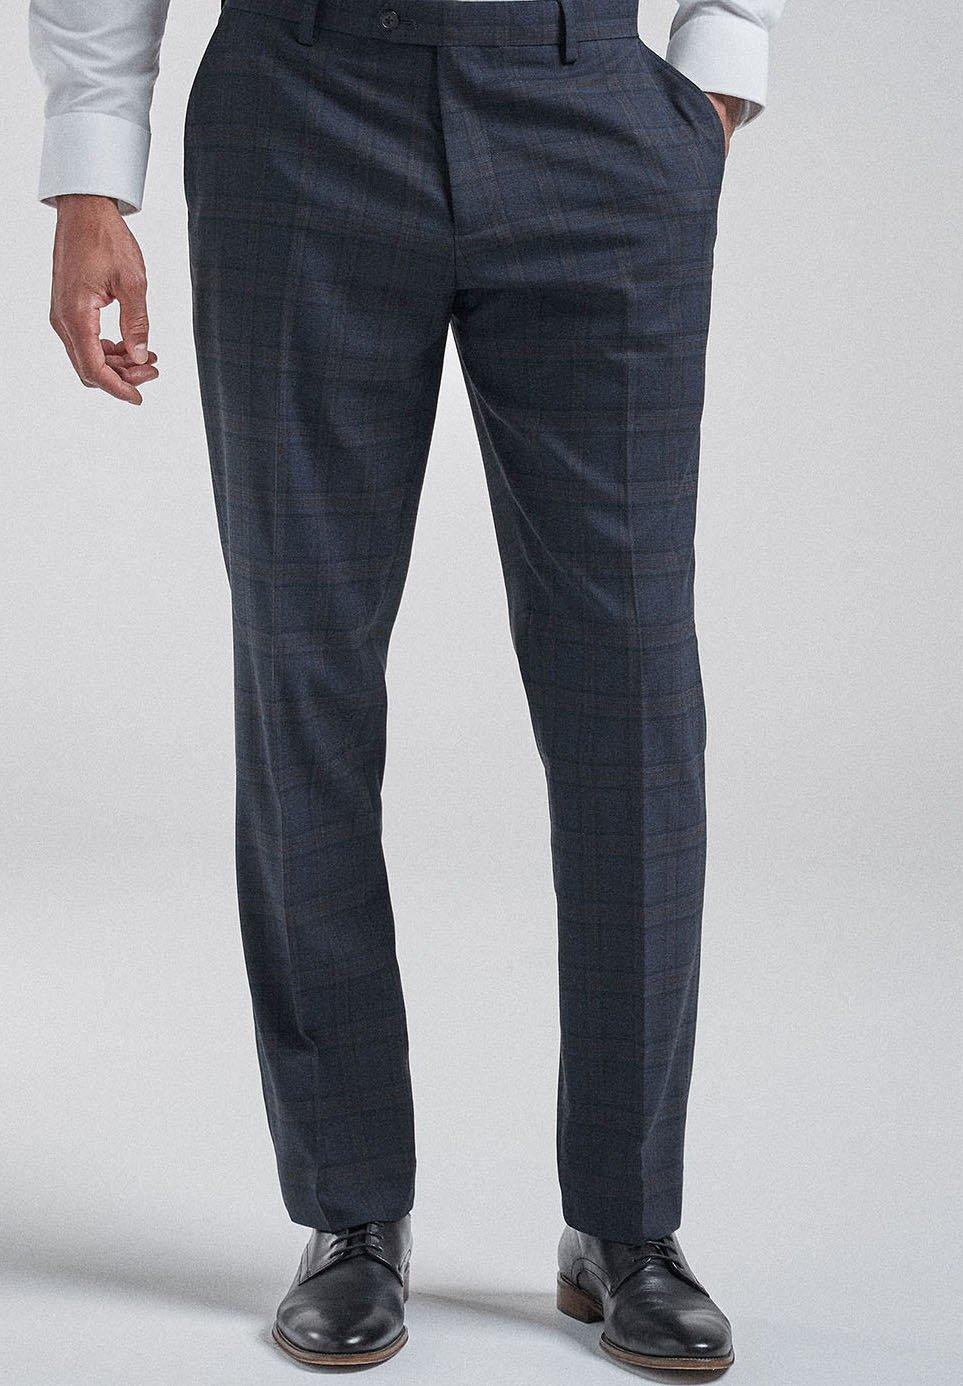 Hombre CHECK SUIT: TROUSERS-REGULAR FIT - Pantalón de traje